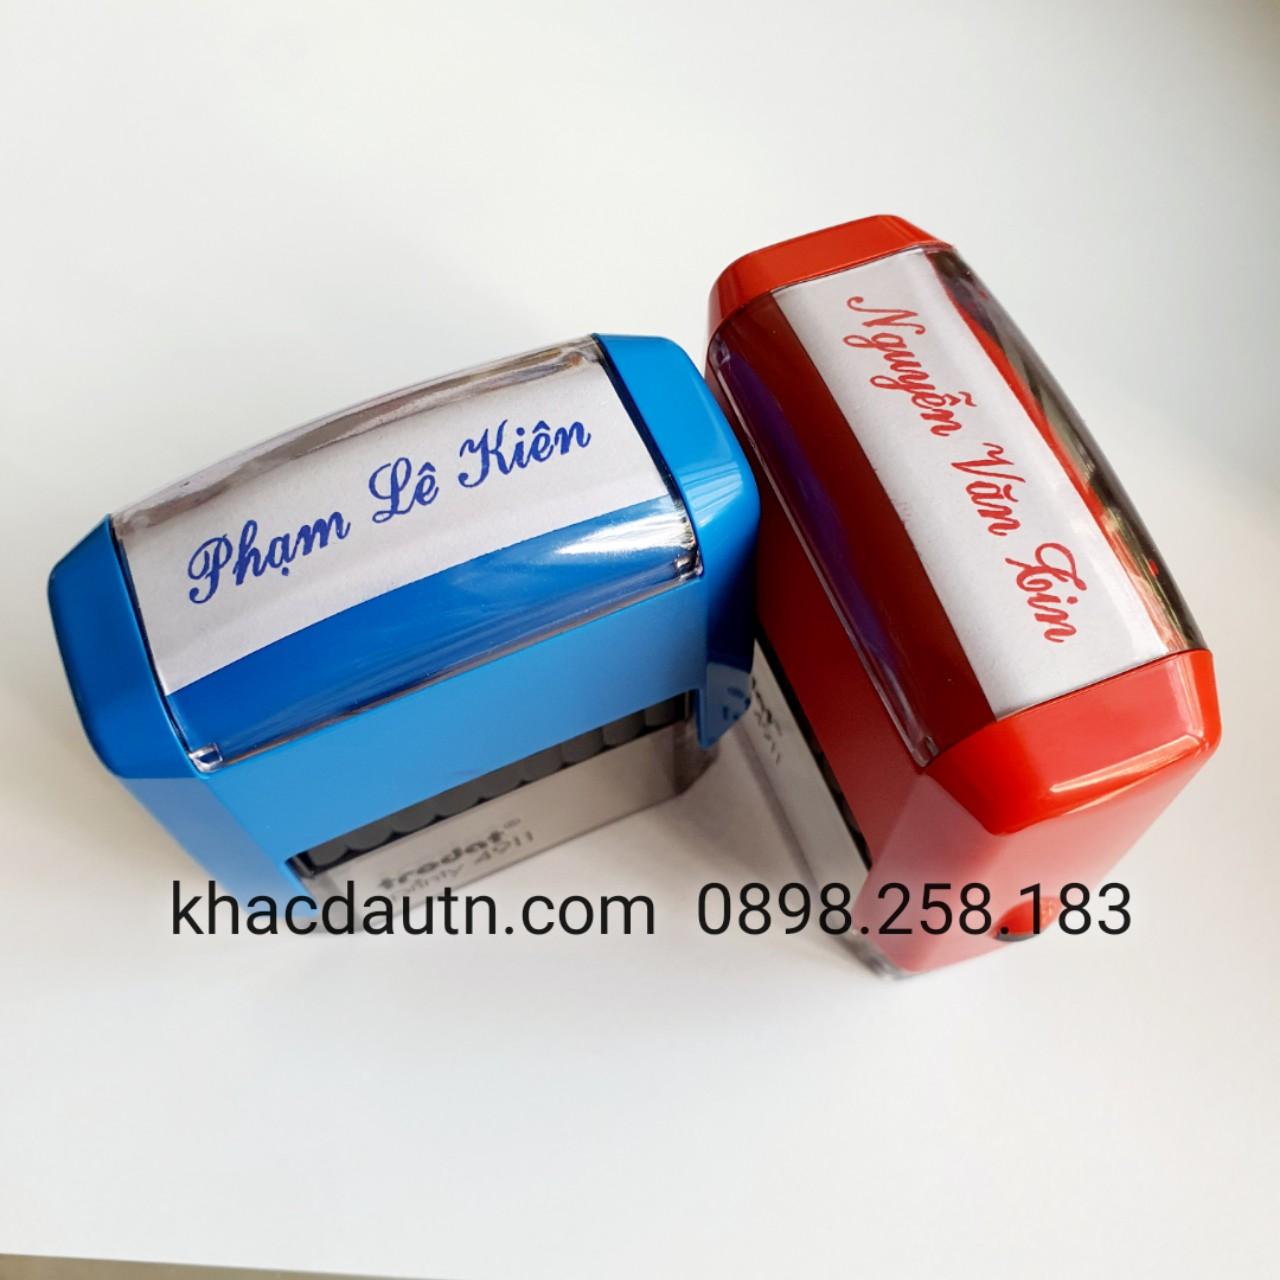 khắc con dấu tên giá rẻ giảm giá với khách đặt số lượng nhiều, Dịch Vụ Khắc Dấu Tên Bắc Ninh